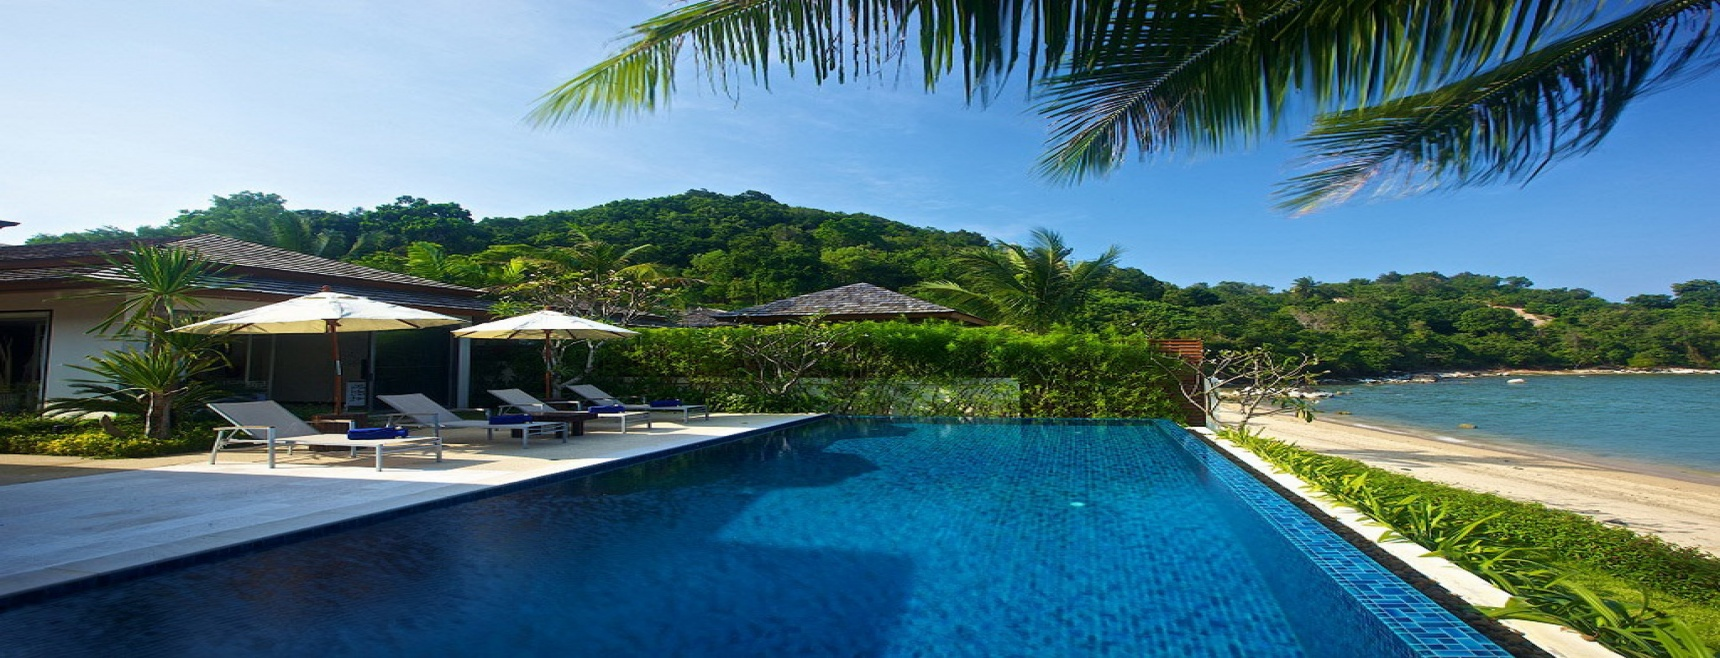 4 Bedrooms, Villa, Holiday Villa Rentals, Listing ID 1293